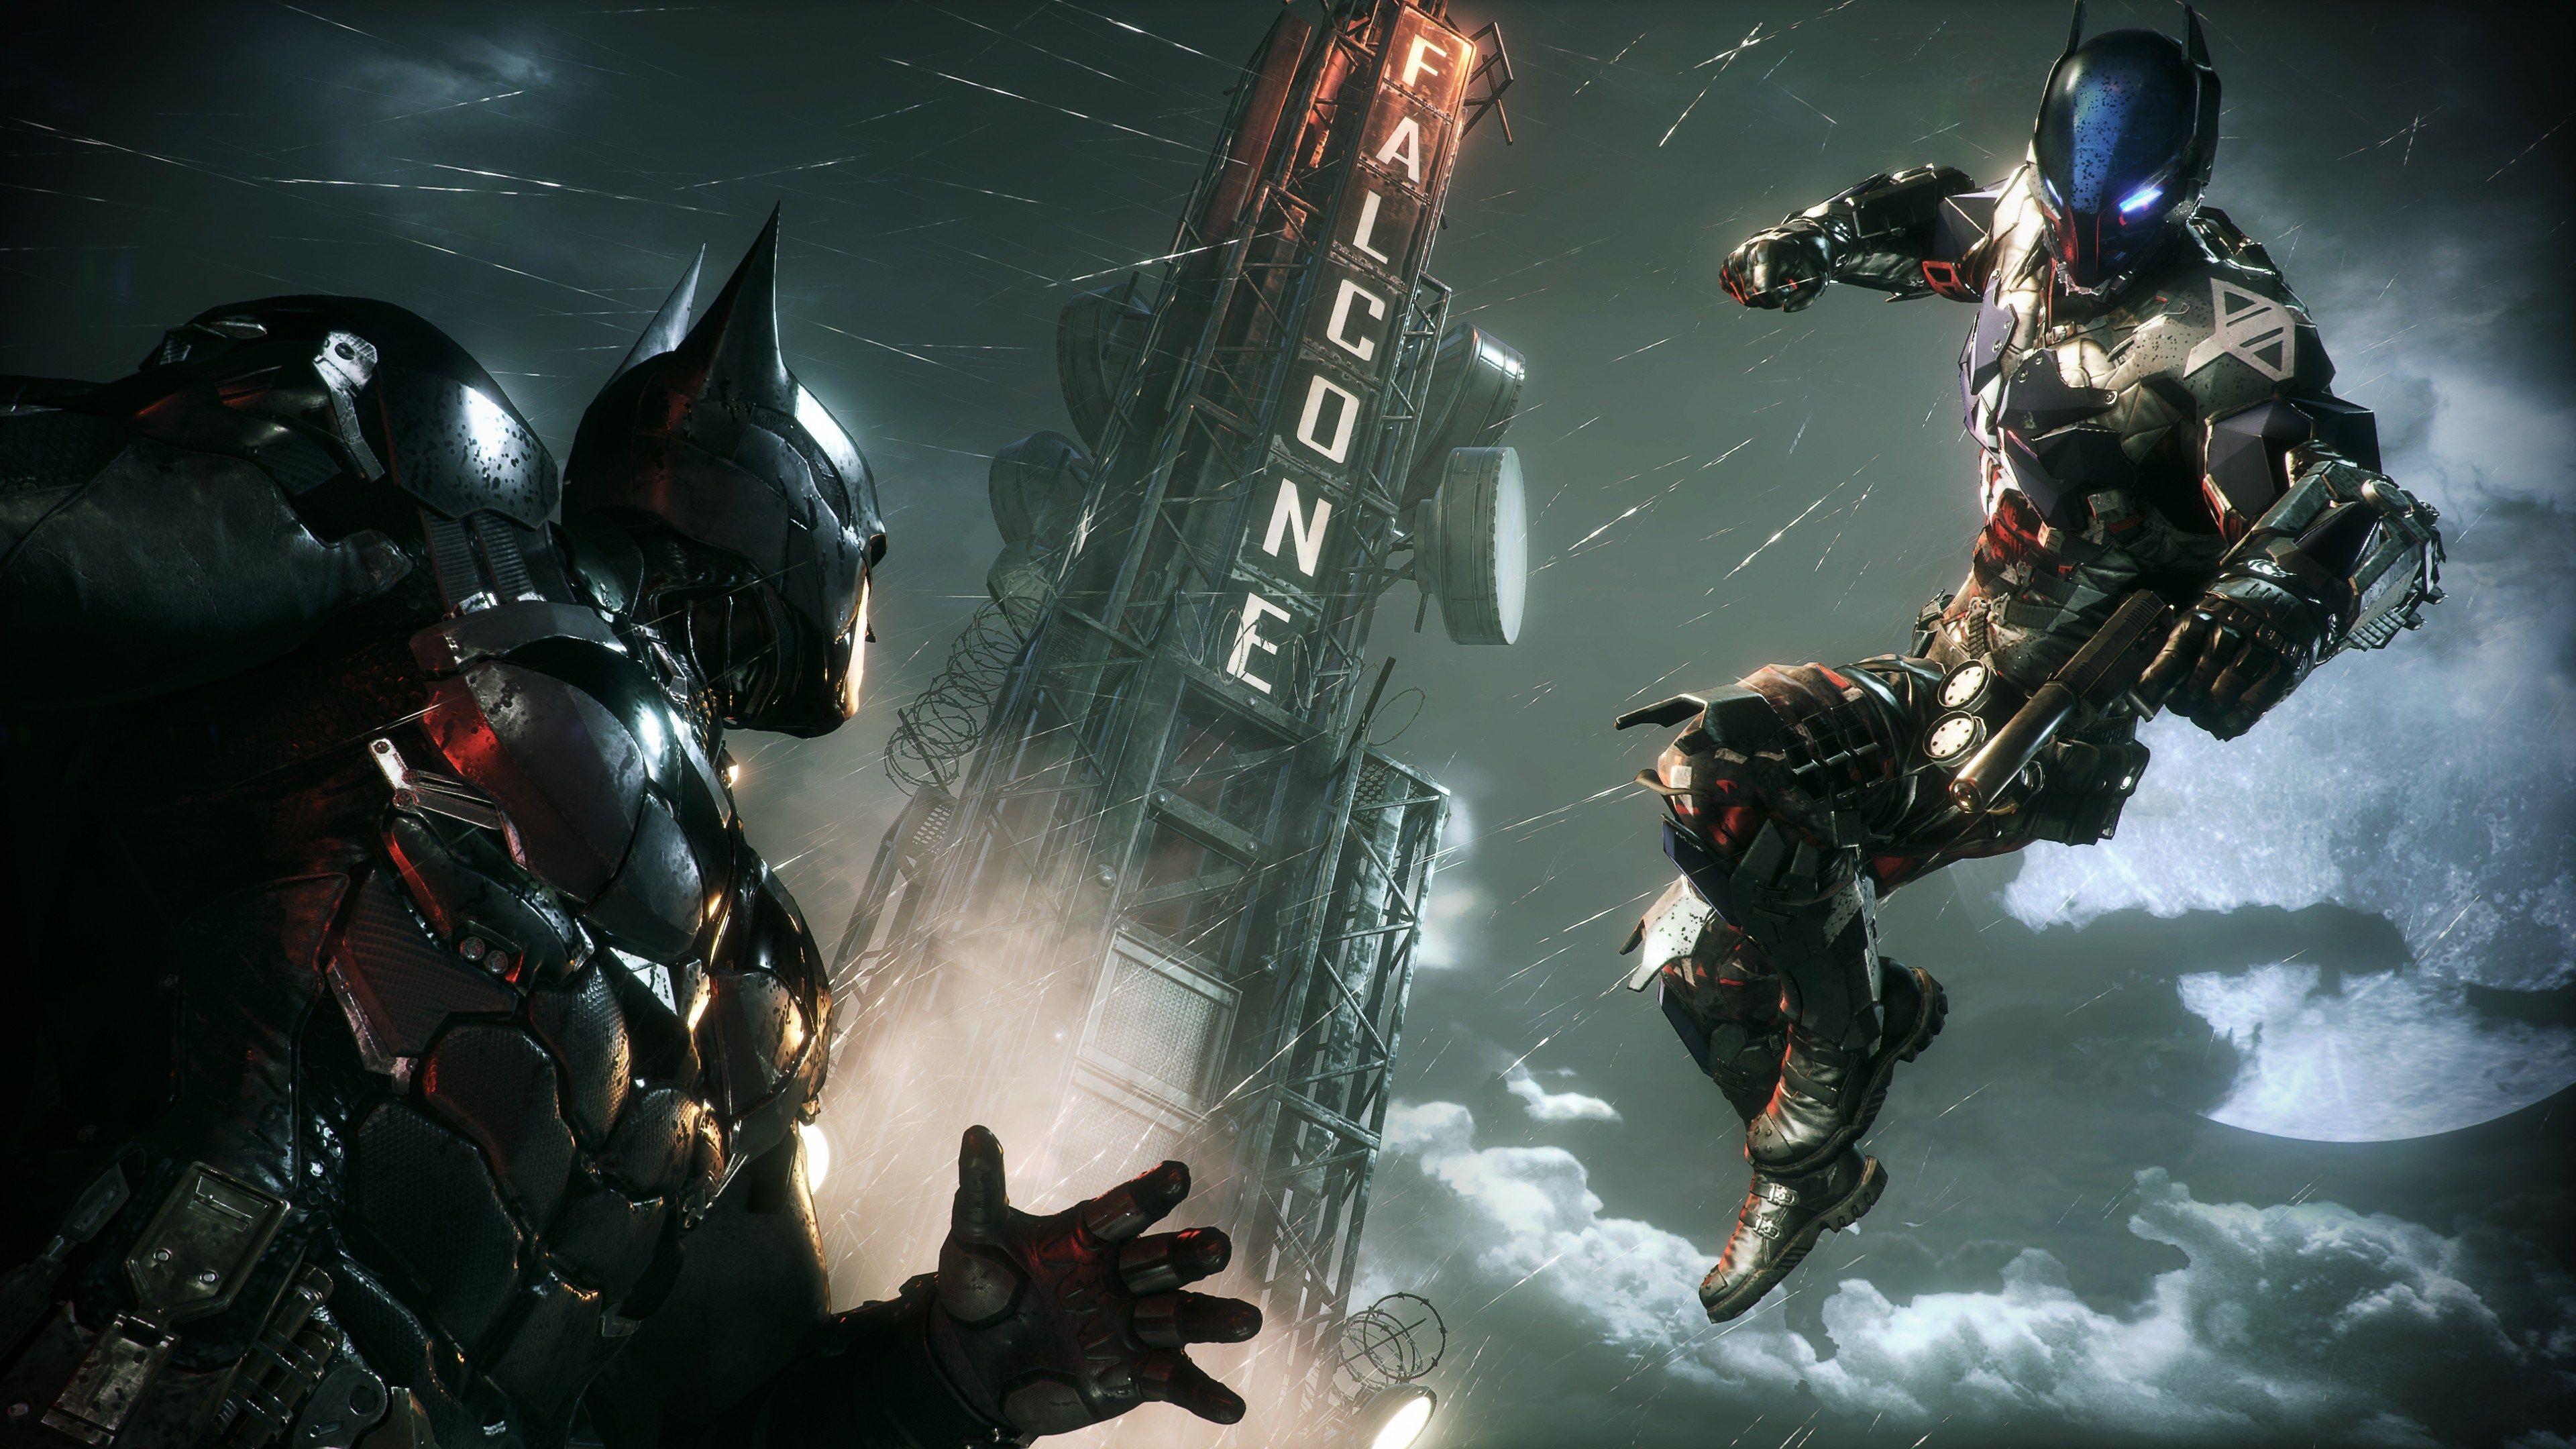 4k Wallpaper Batman Arkham Knight 3840x2160